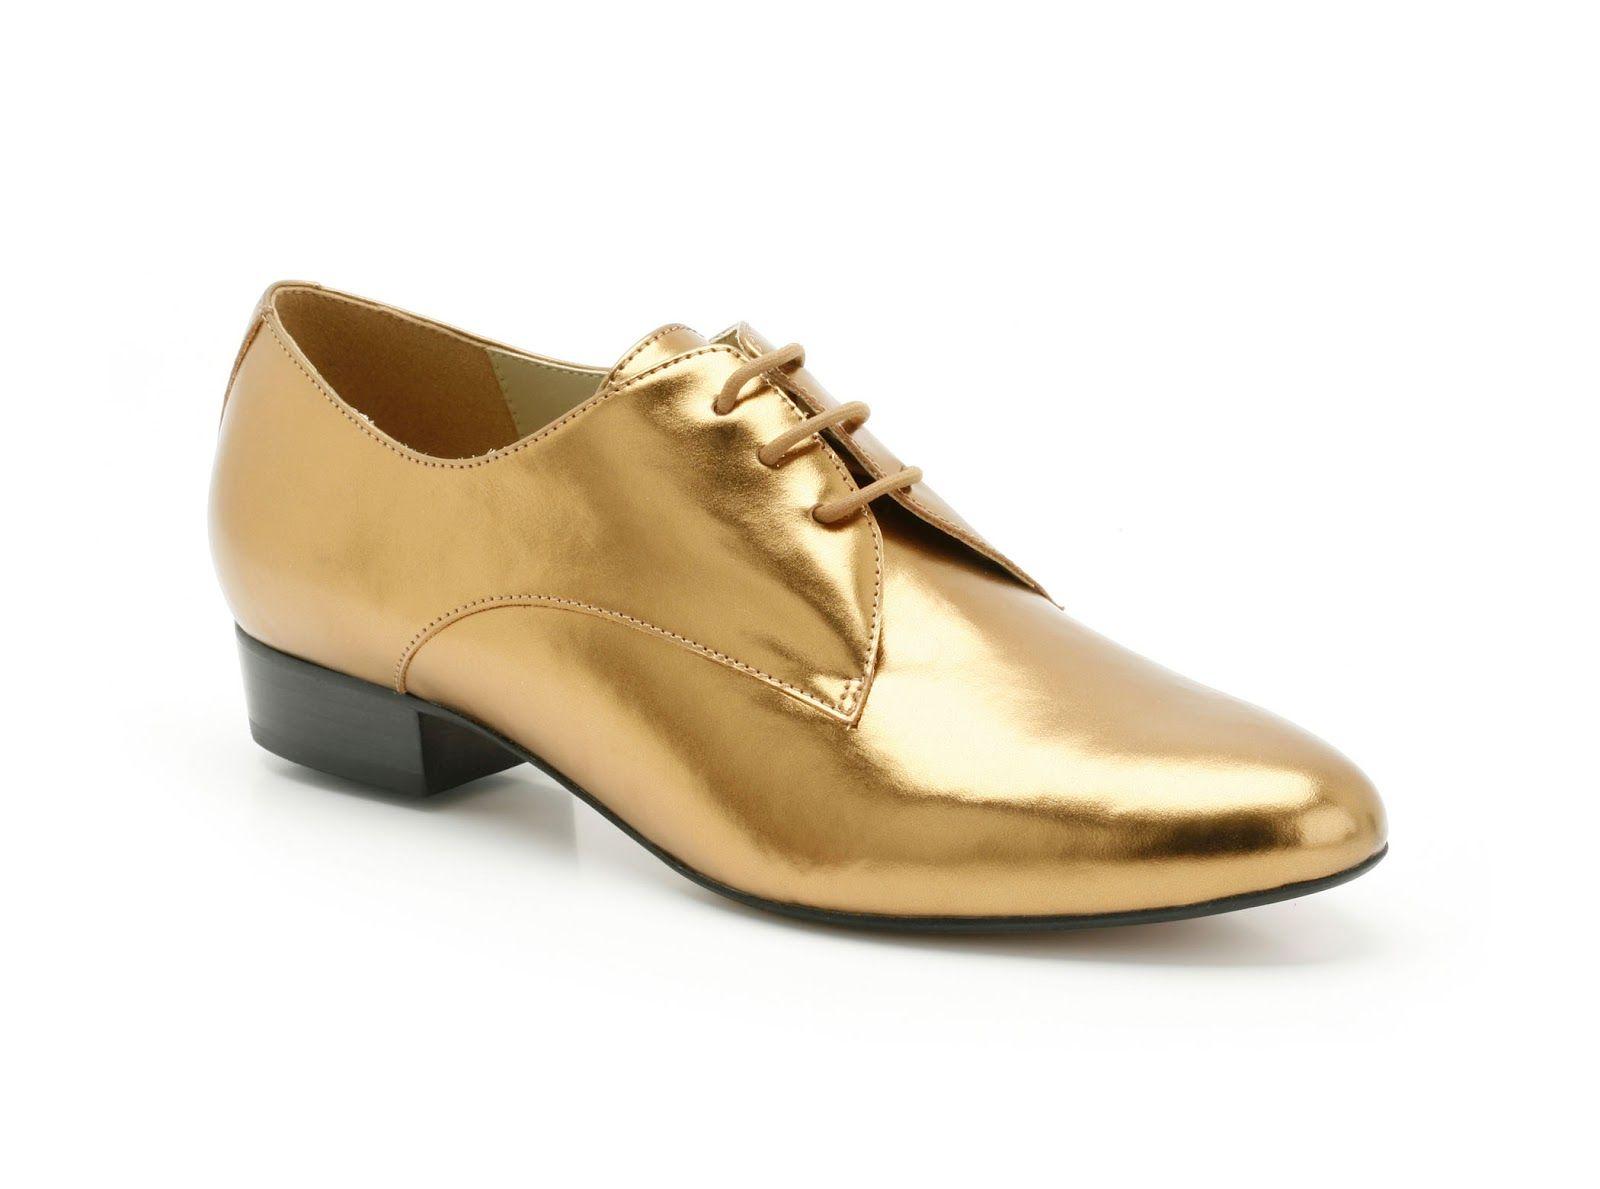 Chaussures D'or Pour Les Hommes fnnlcxC